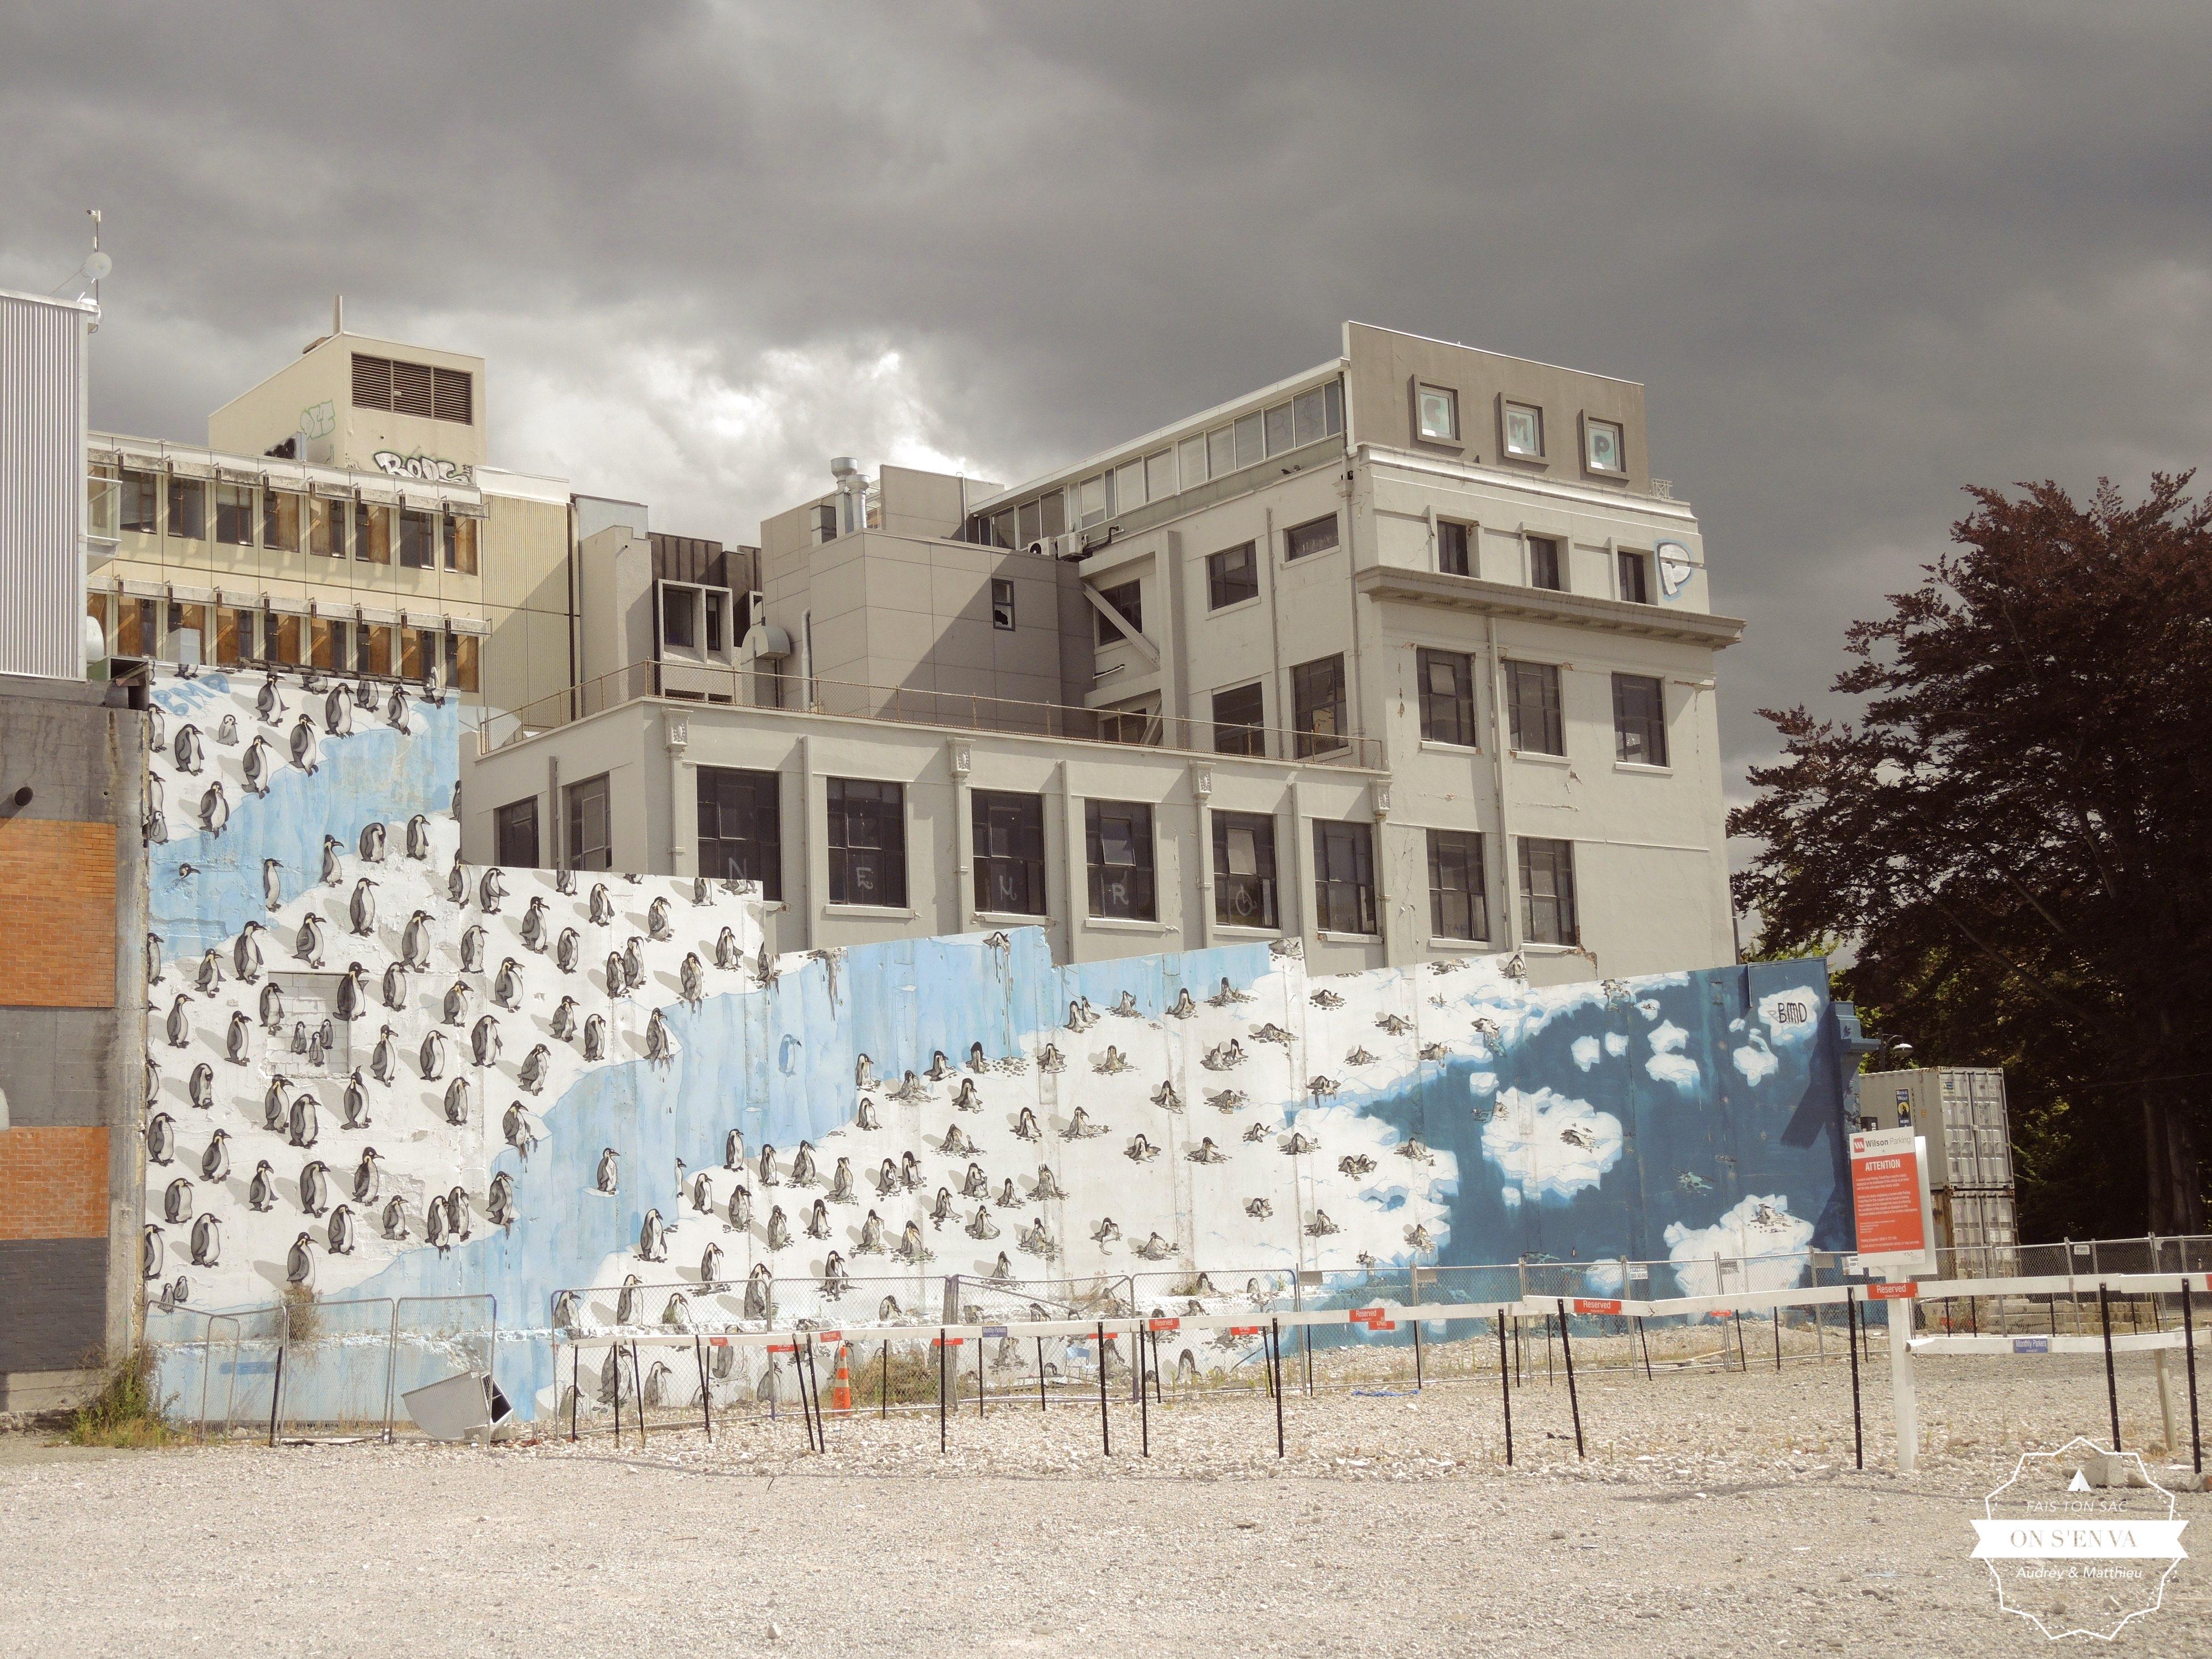 Christchurch et son street art